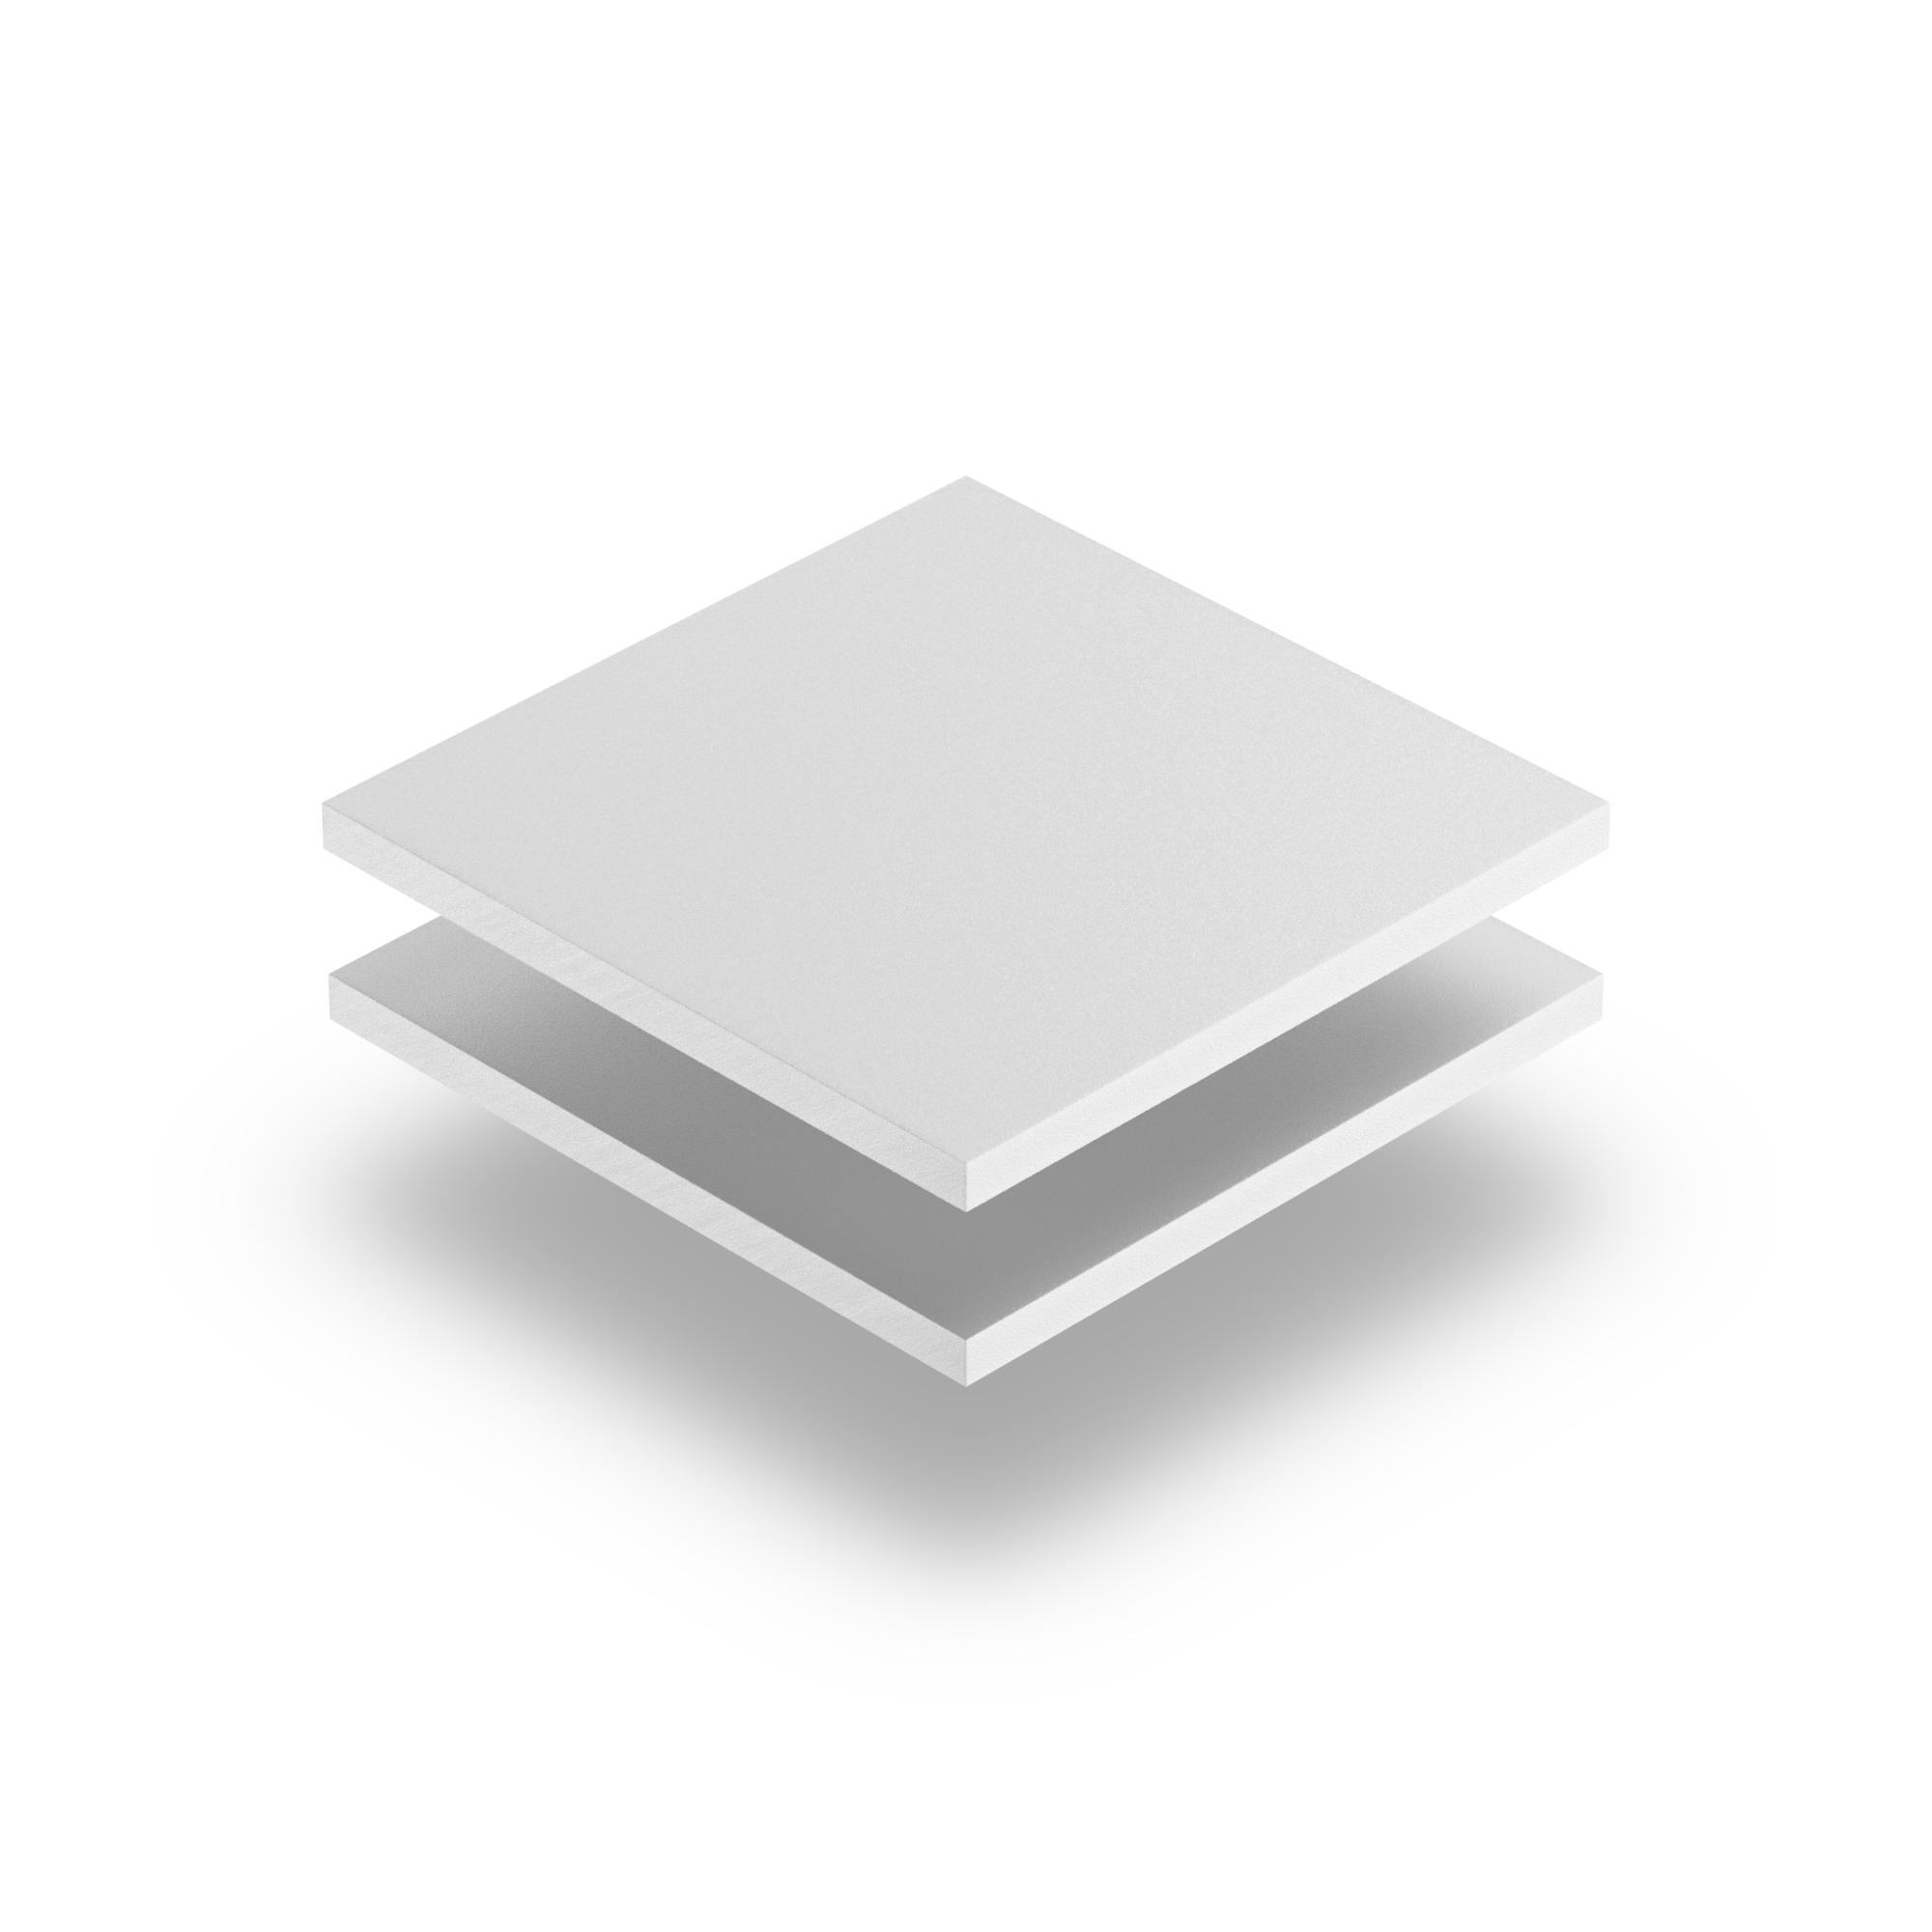 Forex-Platten lassen sich nageln, schrauben, nieten und kleben. Für Klebstoffverbindungen eignet sich ausgezeichnet der gleichnamige COSMOFEN PLUS HV PVC-KLEBSTOFF. Weitere Informationen /5(K).